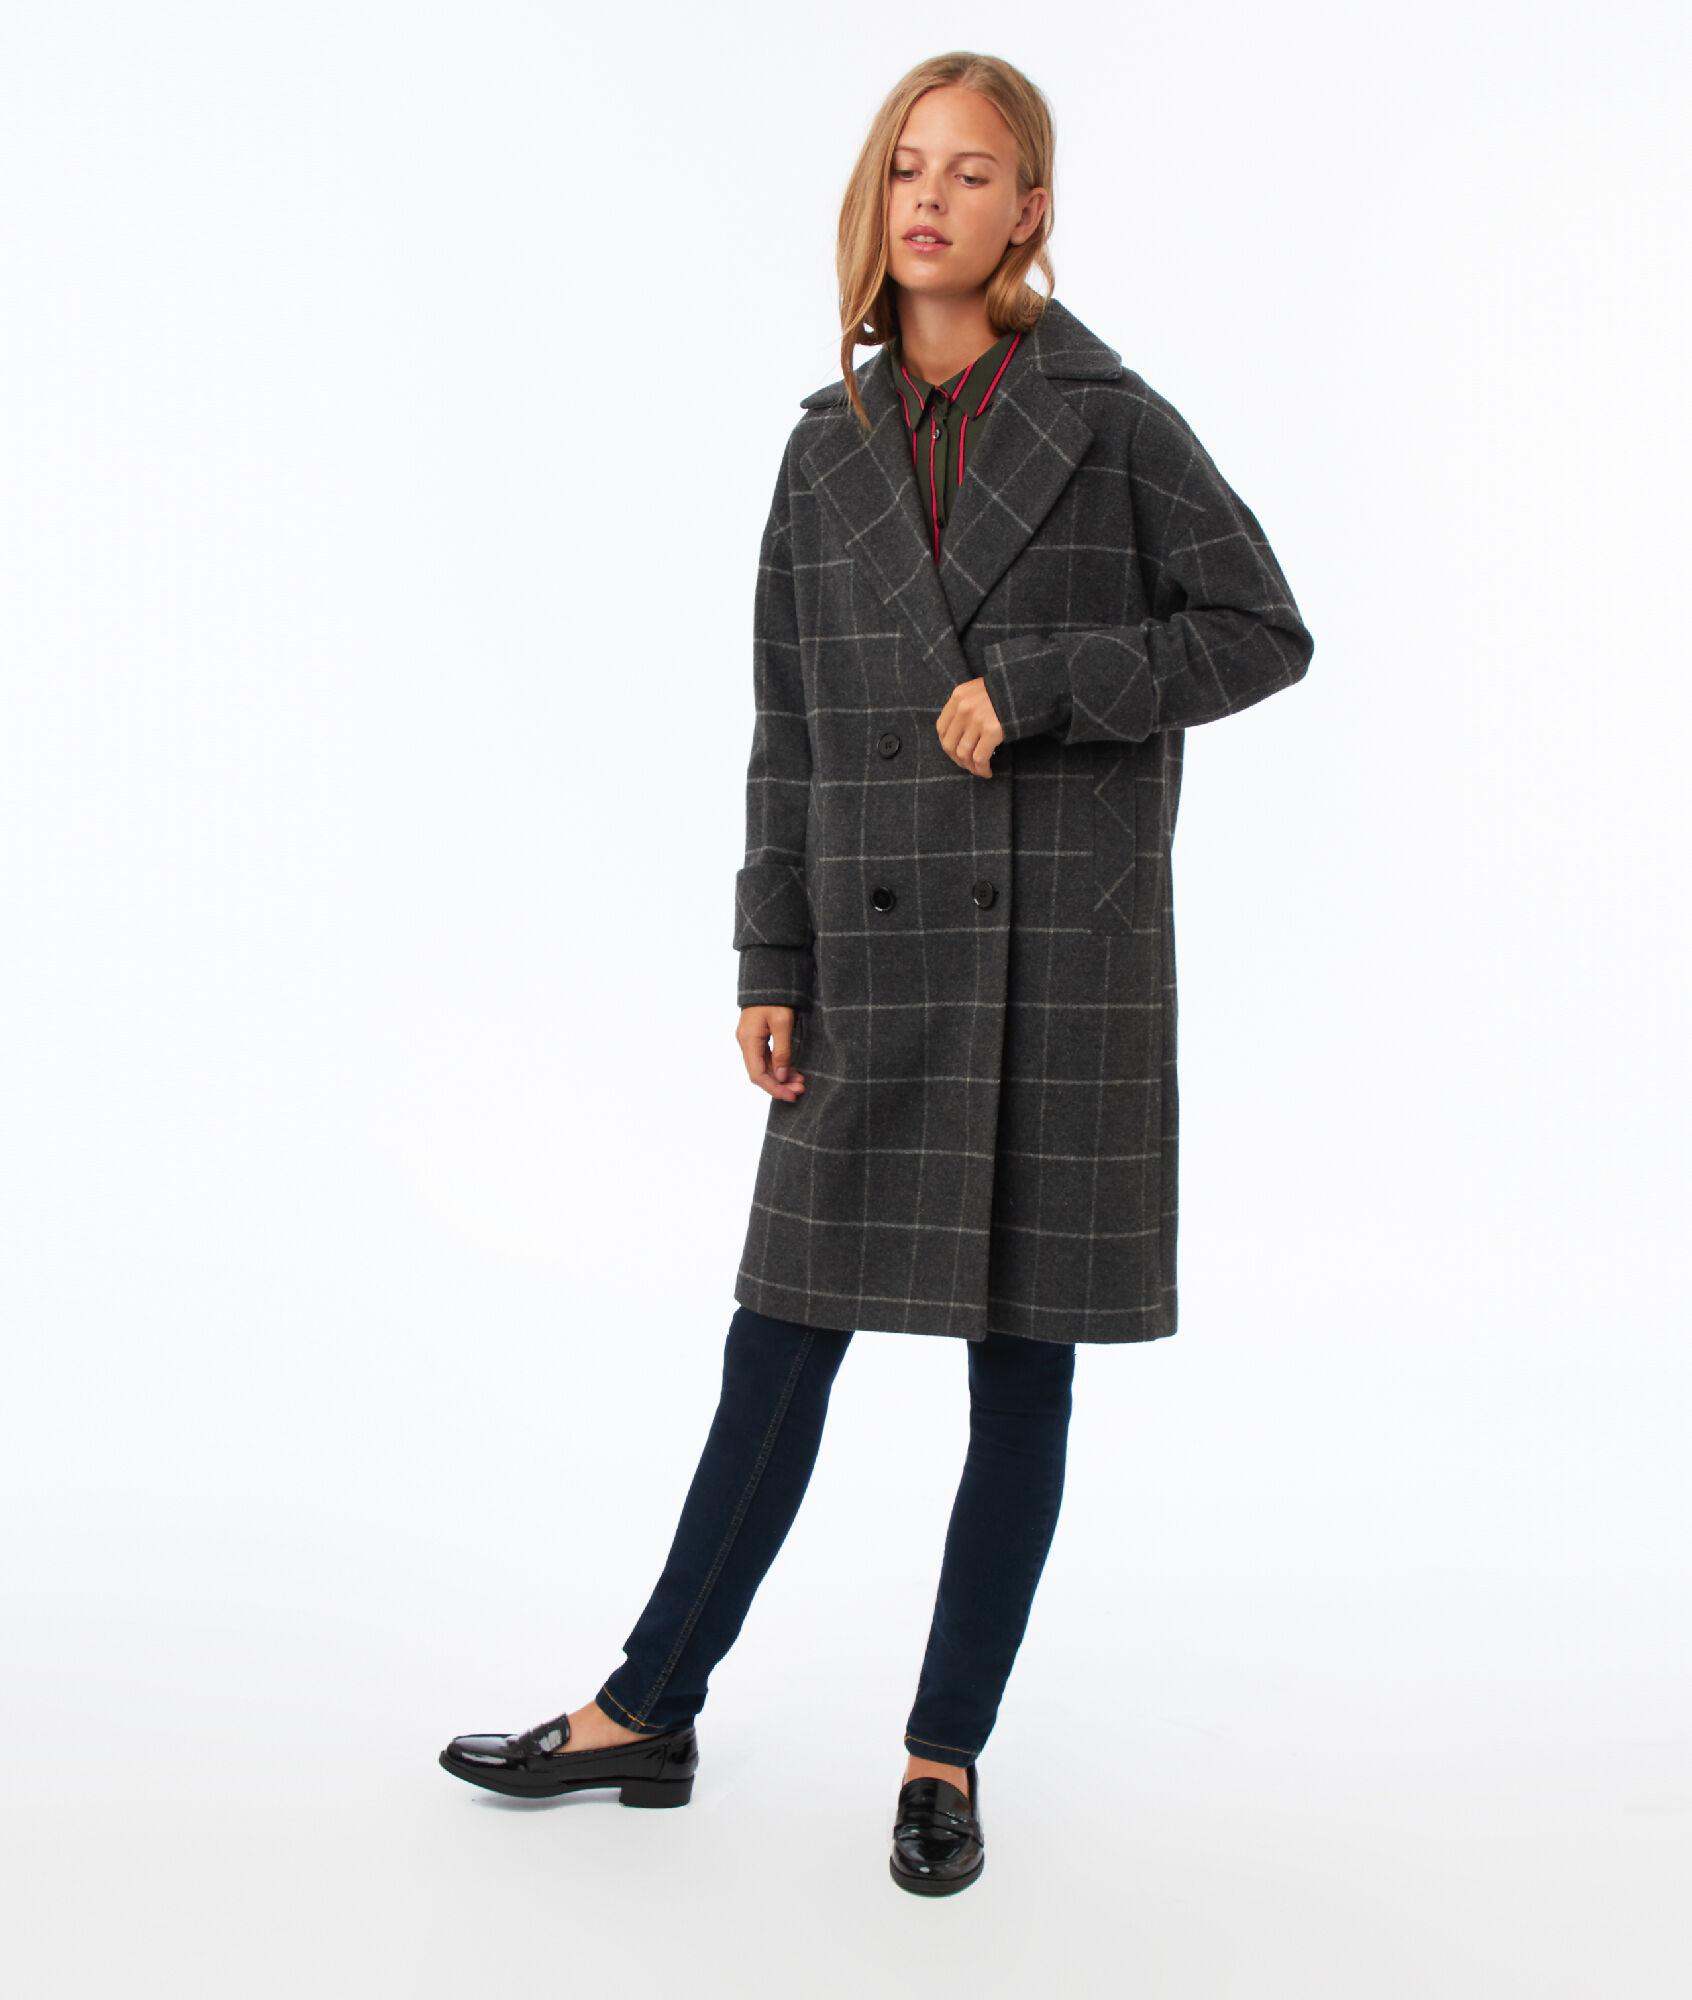 Manteau printemps femme 2019